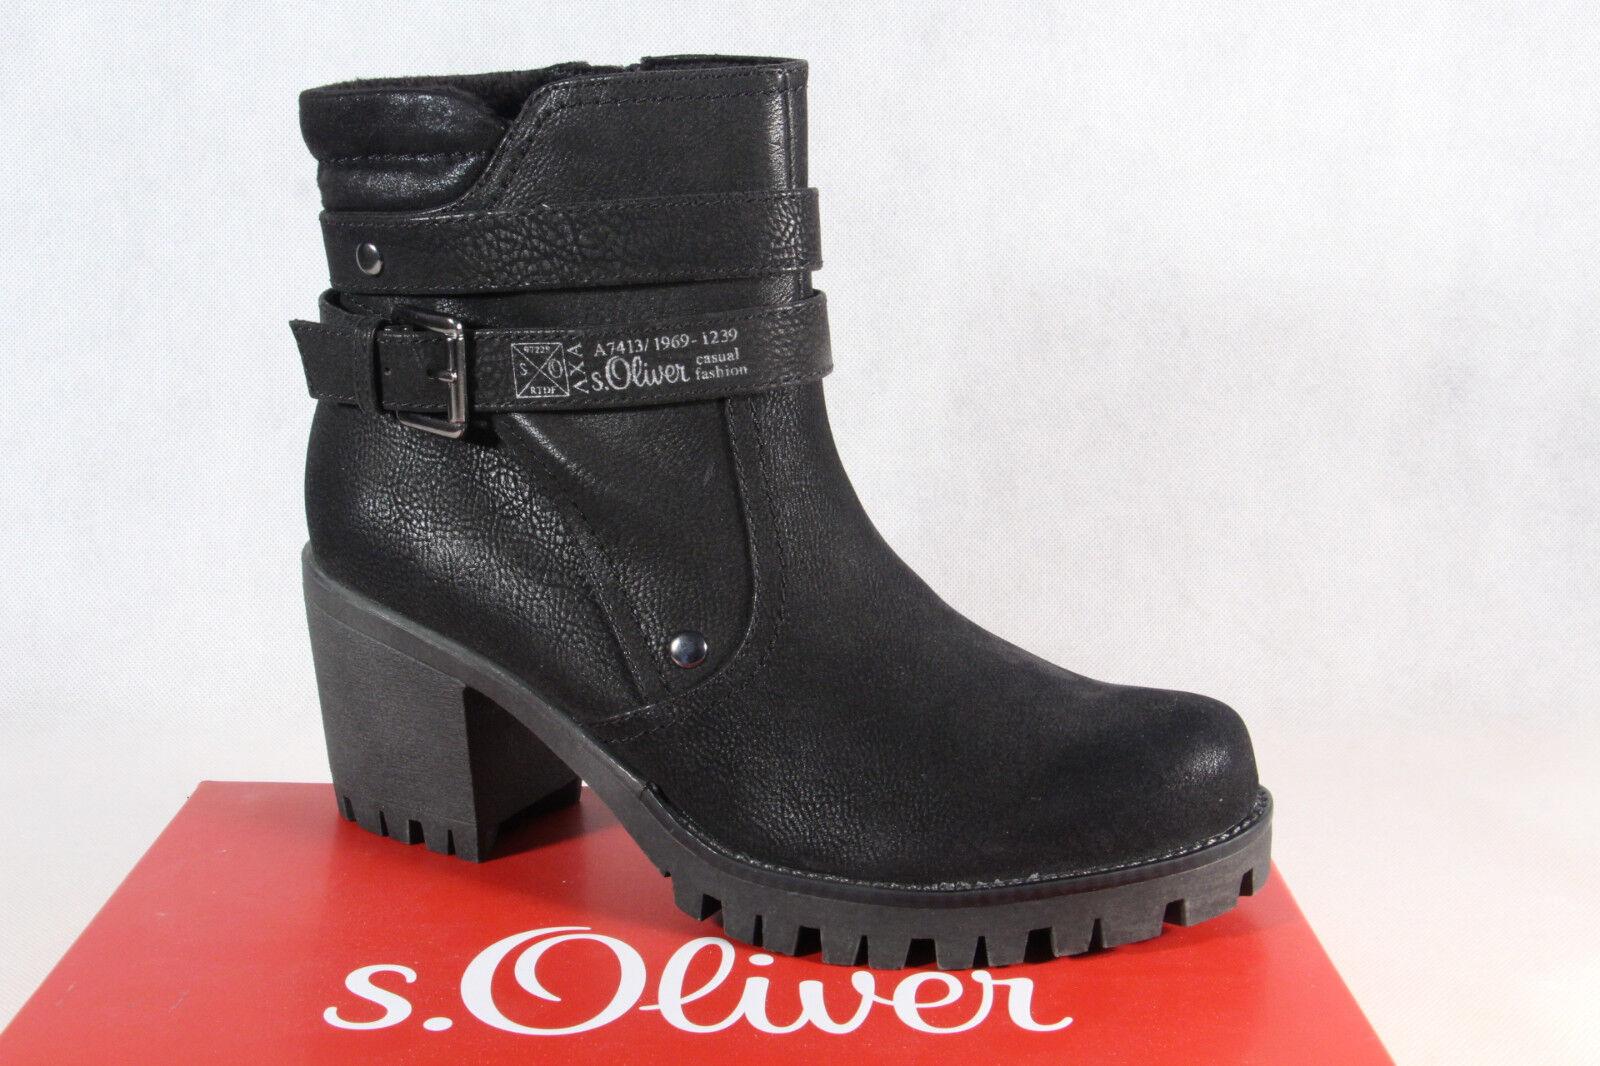 S.Oliver Damen Stiefel, Stiefelette, Stiefel schwarz 25426 NEU